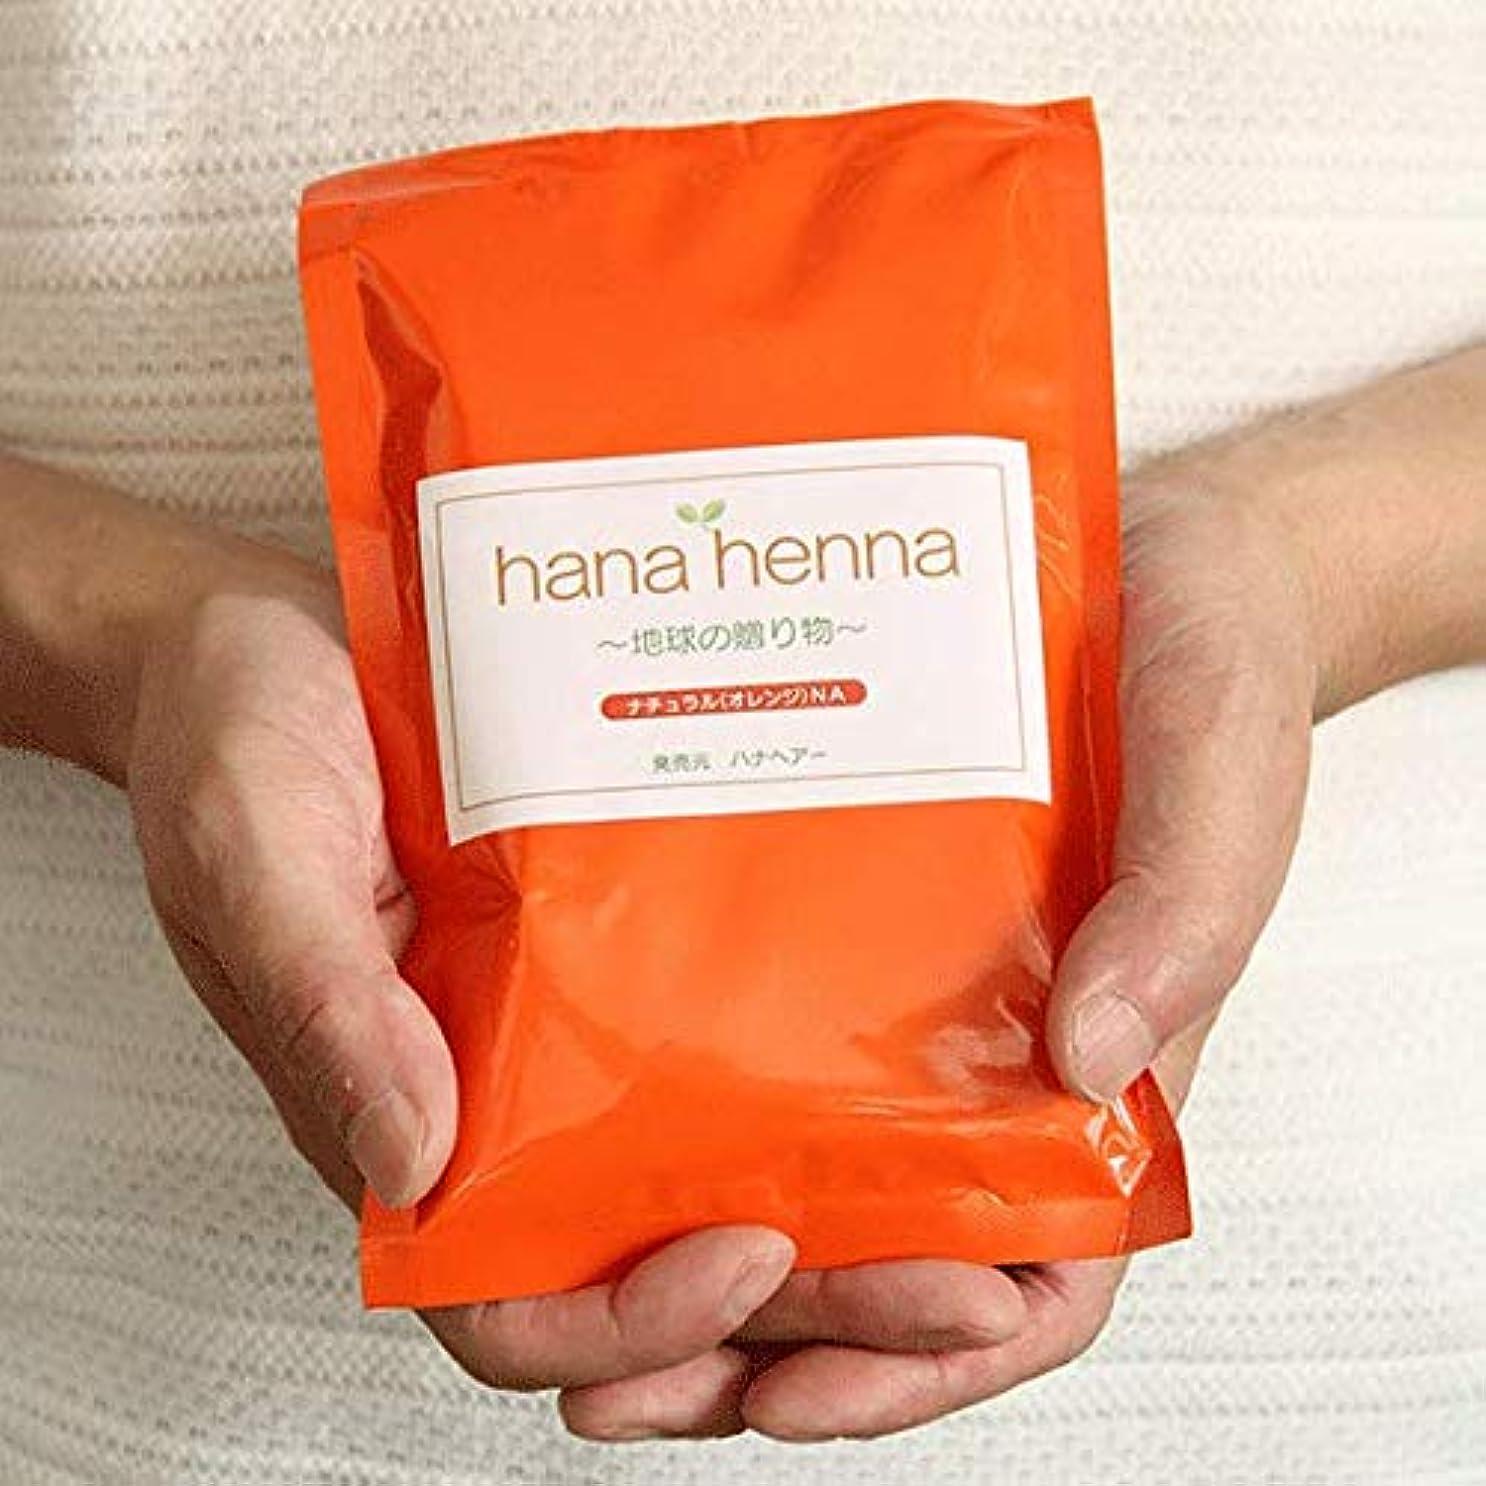 アジア人品変装?hana henna?ハナヘナ ナチュラル(オレンジ) 500g